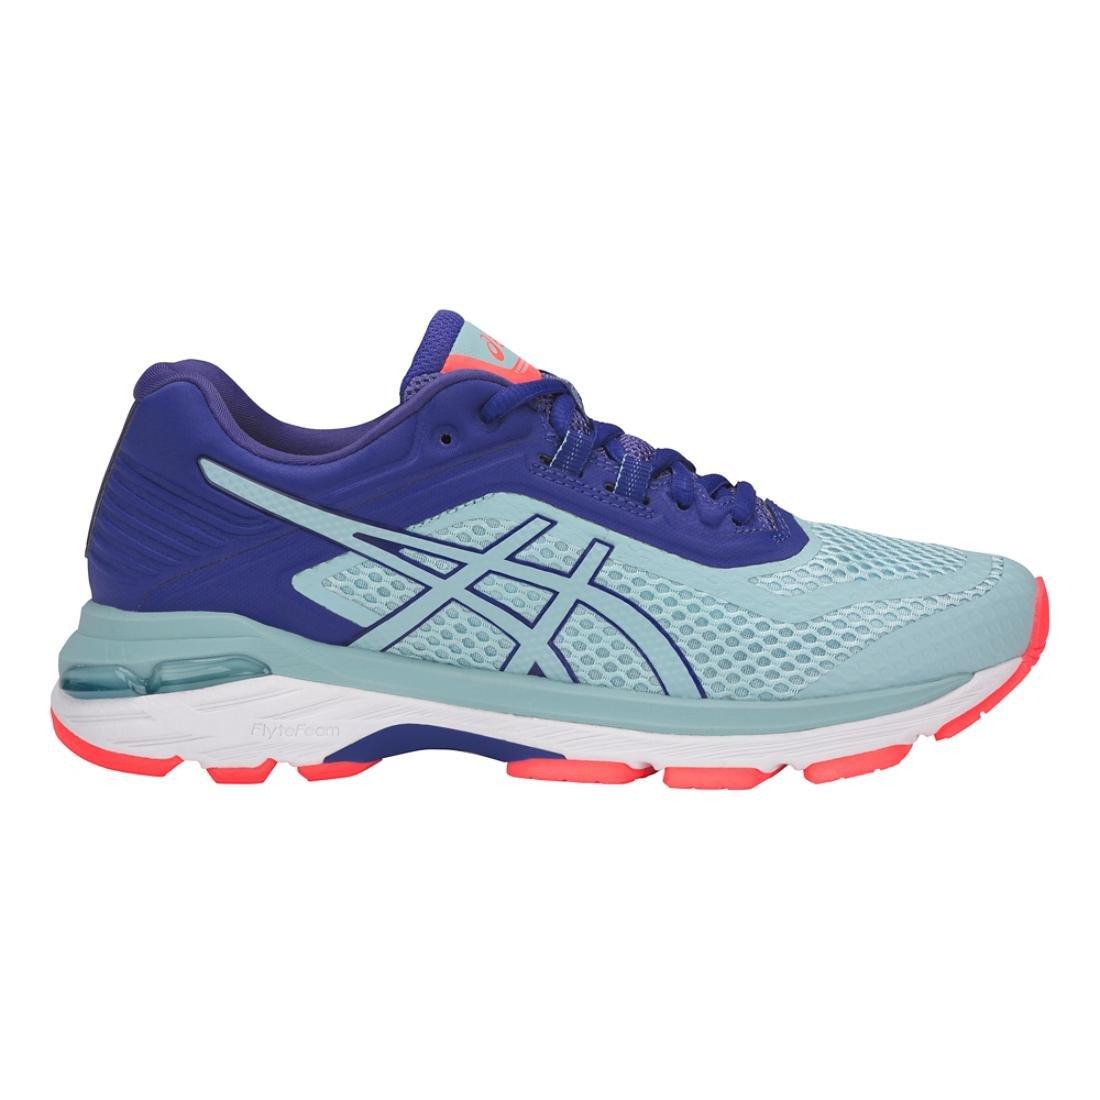 ASICS B(M) Women's GT-2000 6 Running Shoe B071P9KQ25 6 B(M) ASICS US|Porcelain Blue/Porcelain Blue/Asics Blue d90bde